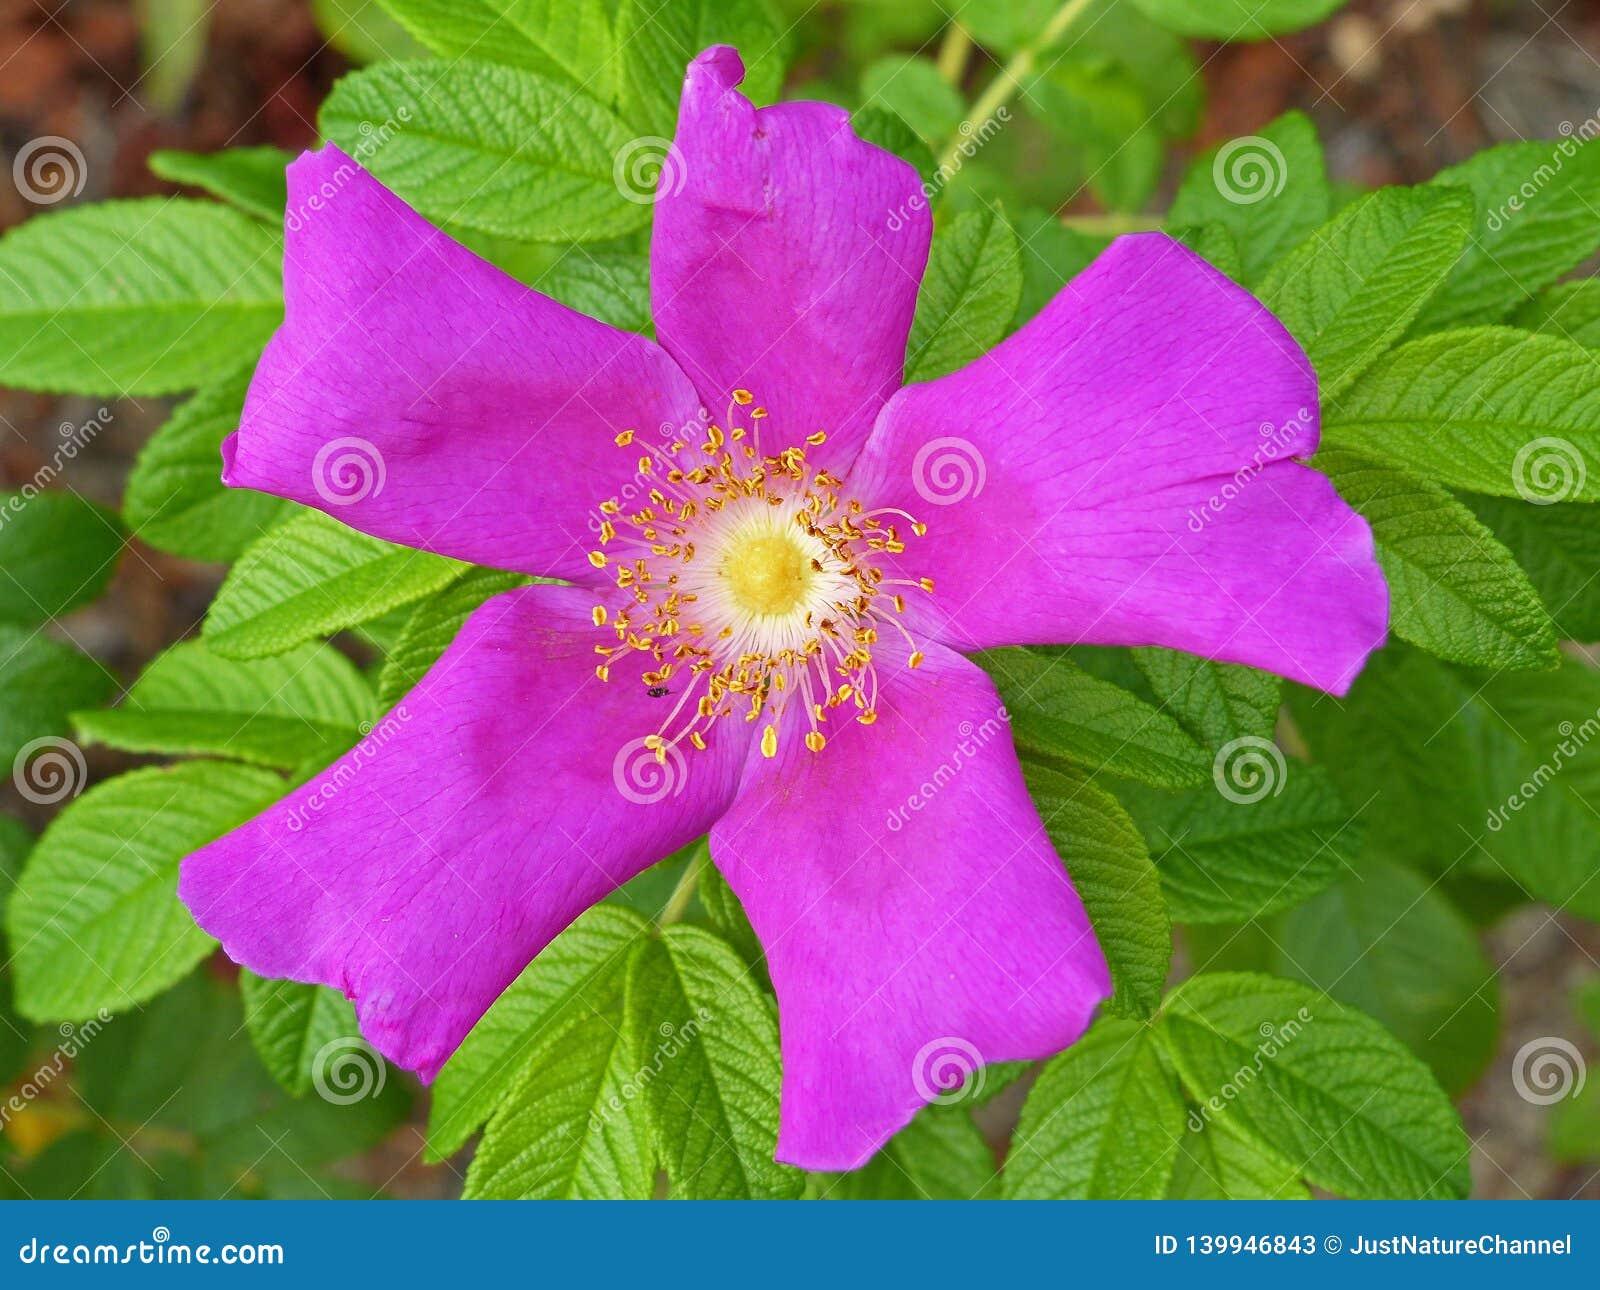 Rose Hips Flower 2